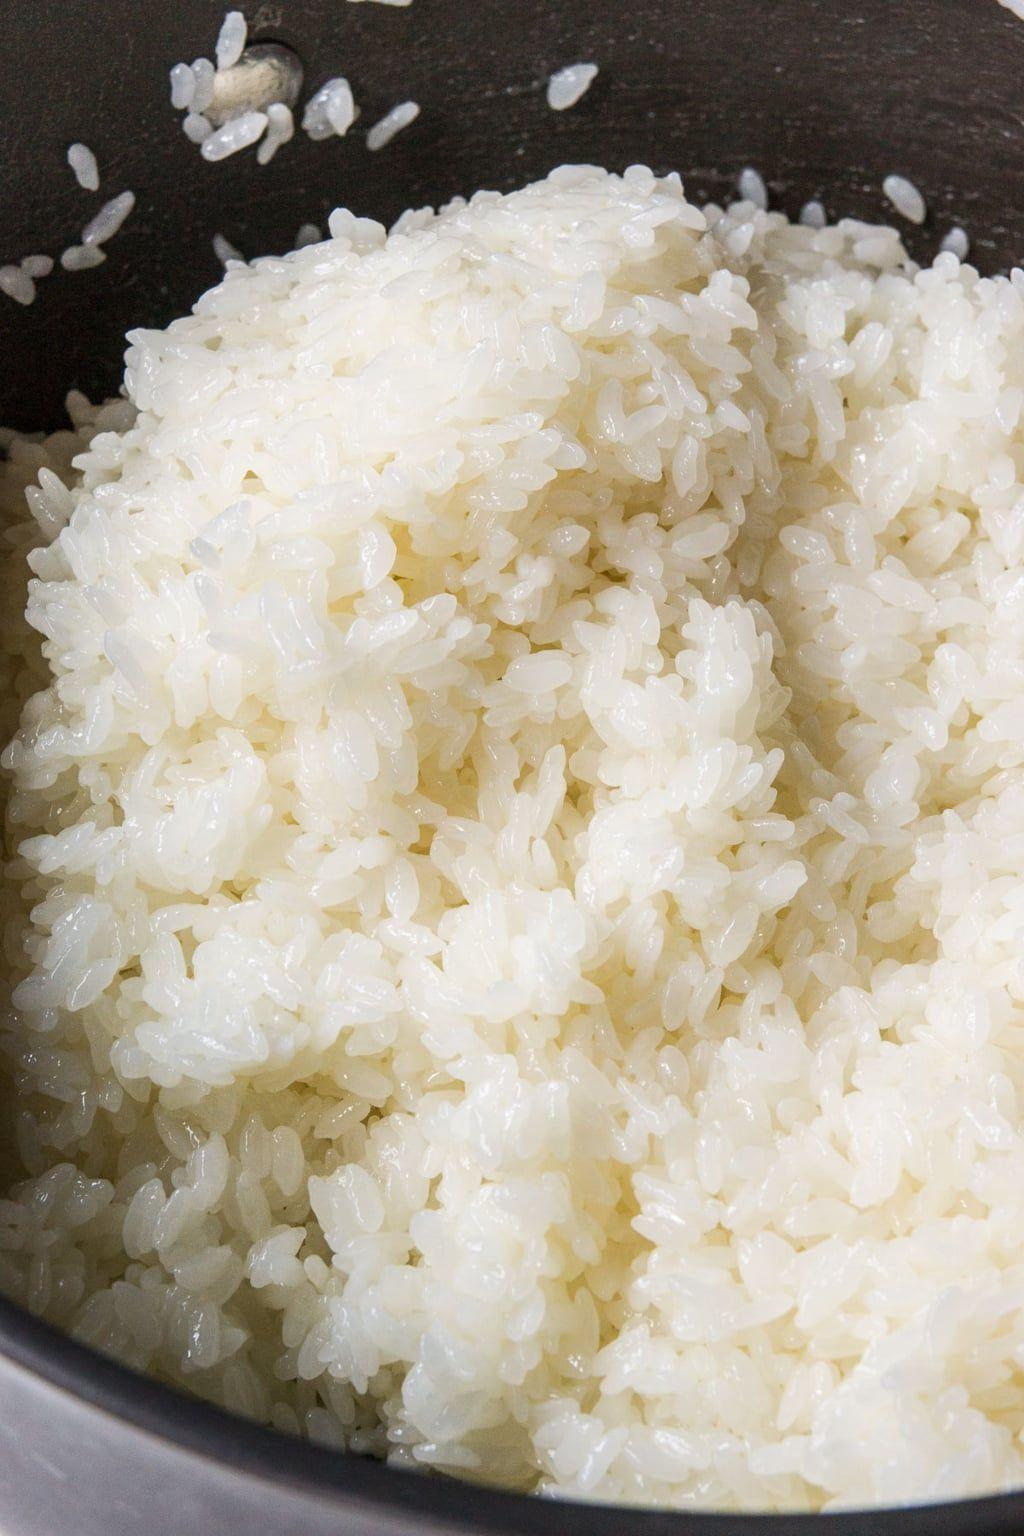 Evde suşi pişirmek için: basit sırlar